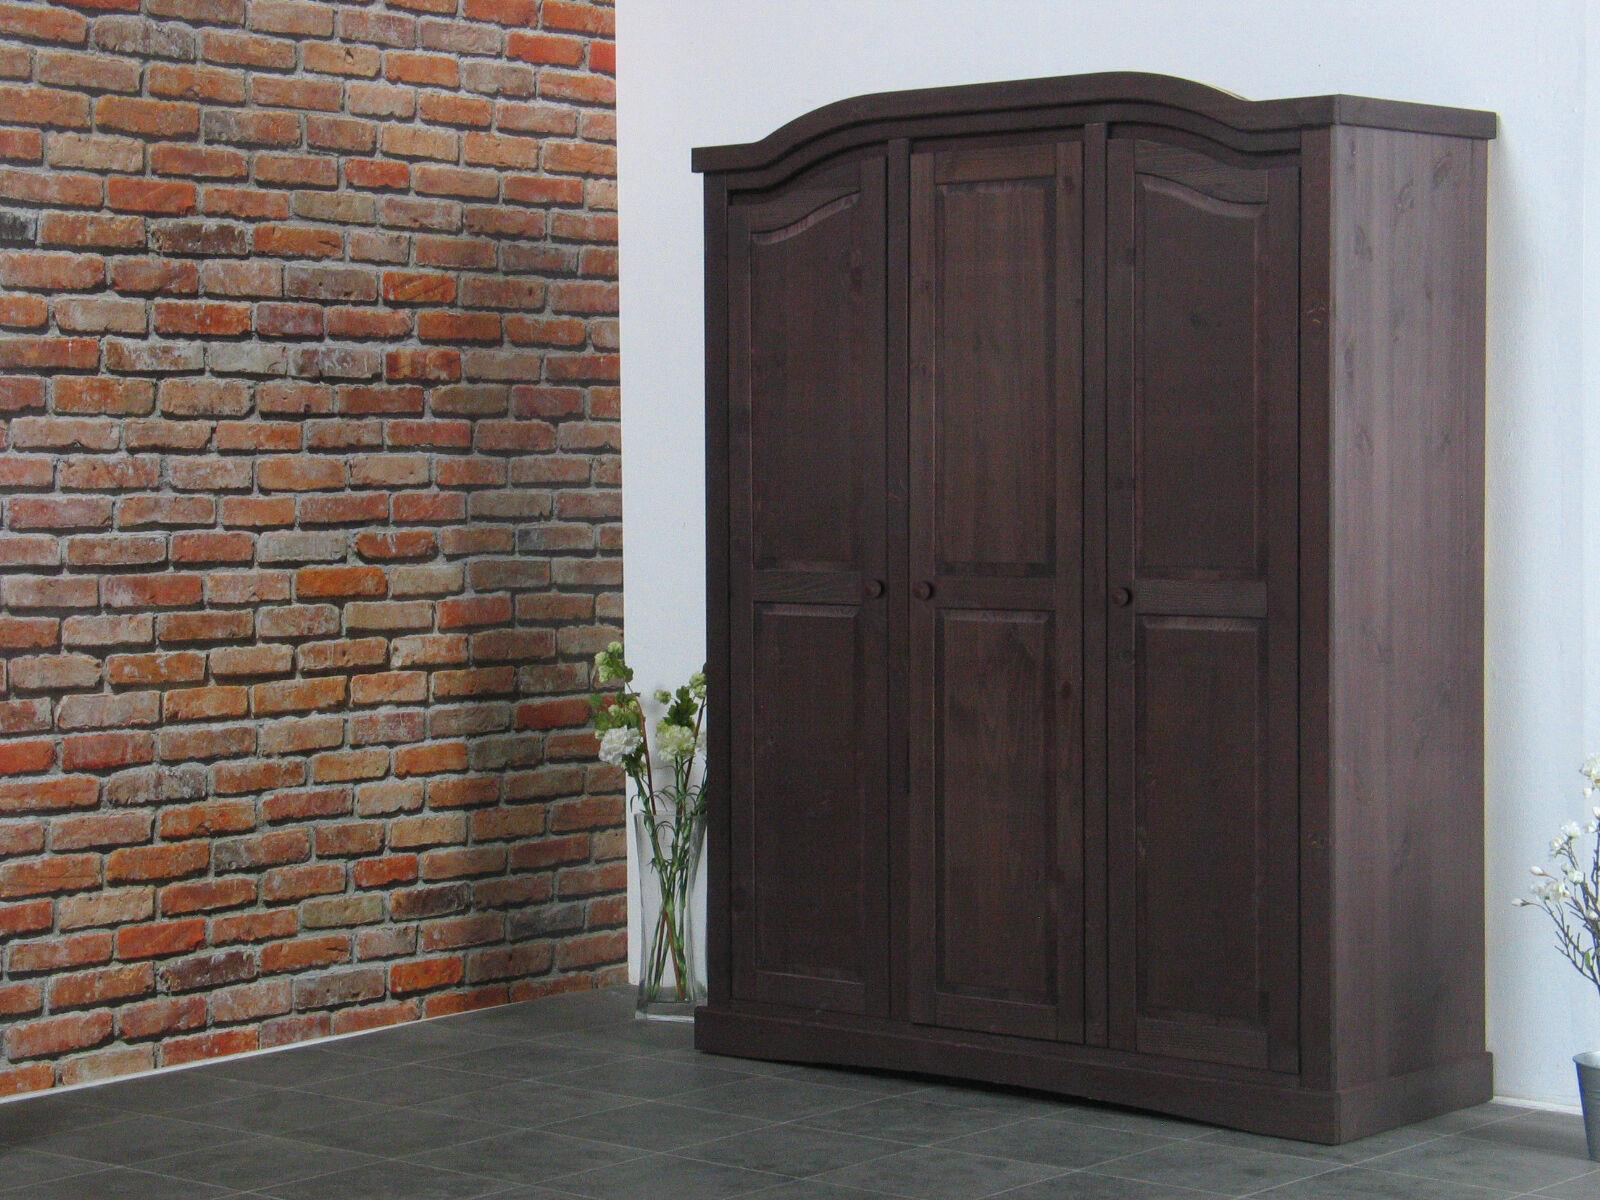 Rico garderobeskap 3-dørs bredde 152 cm, høyde 193 cm kolonial beis/voks.